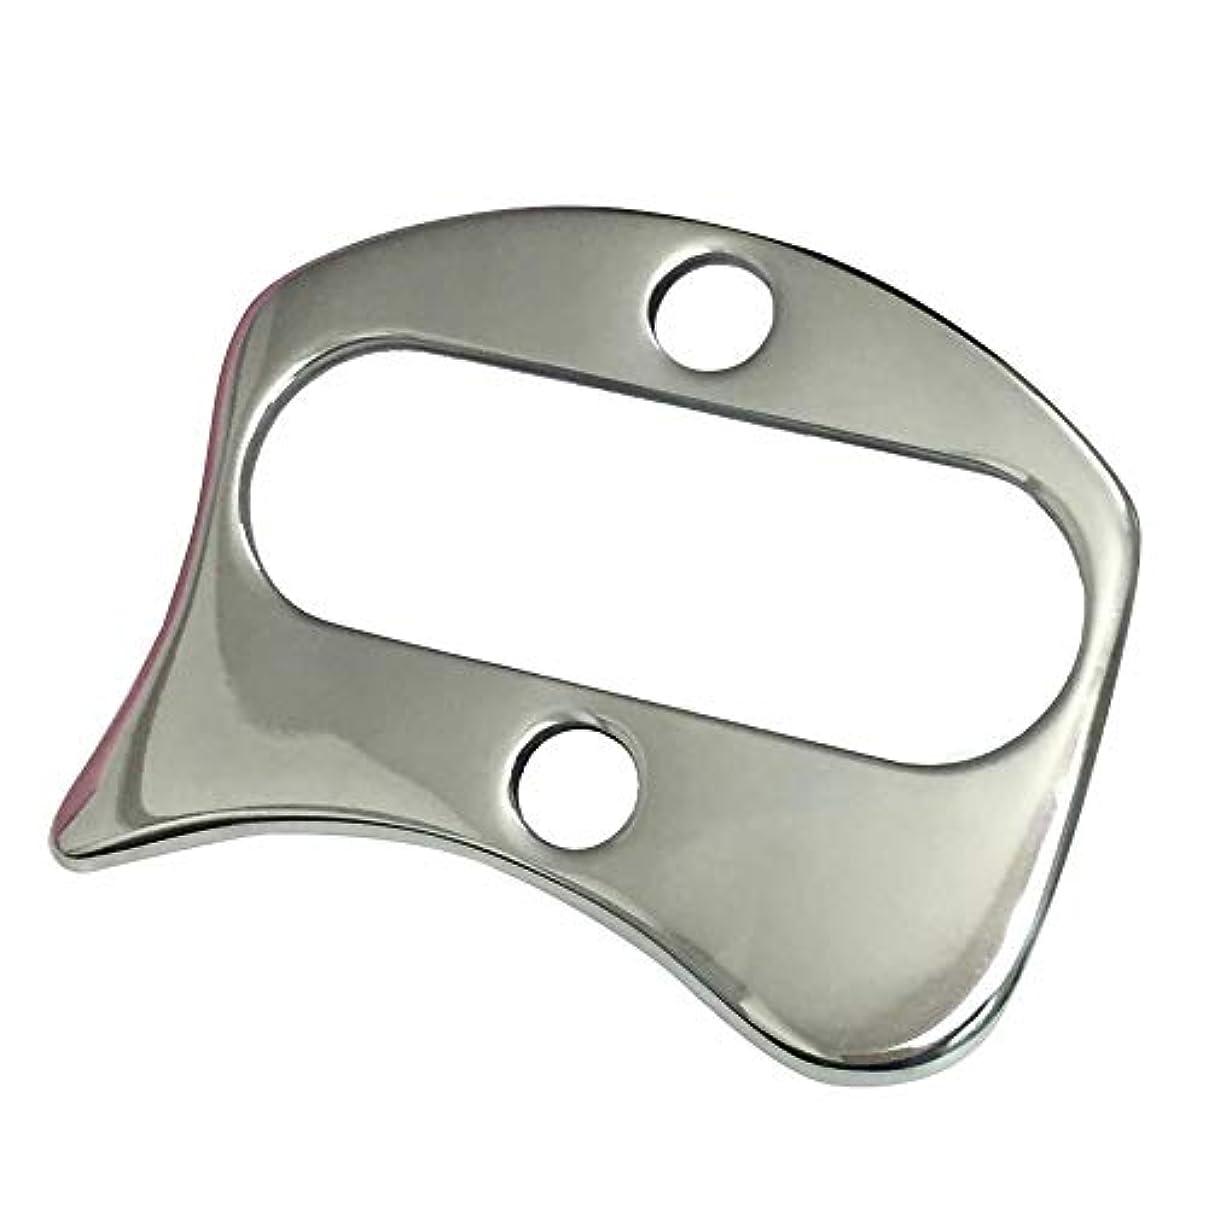 長老望む砂利304ステンレス鋼 筋肉マッサージャー 理学療法 多機能 軟部組織 疼痛緩和 軽減筋膜 健康製品